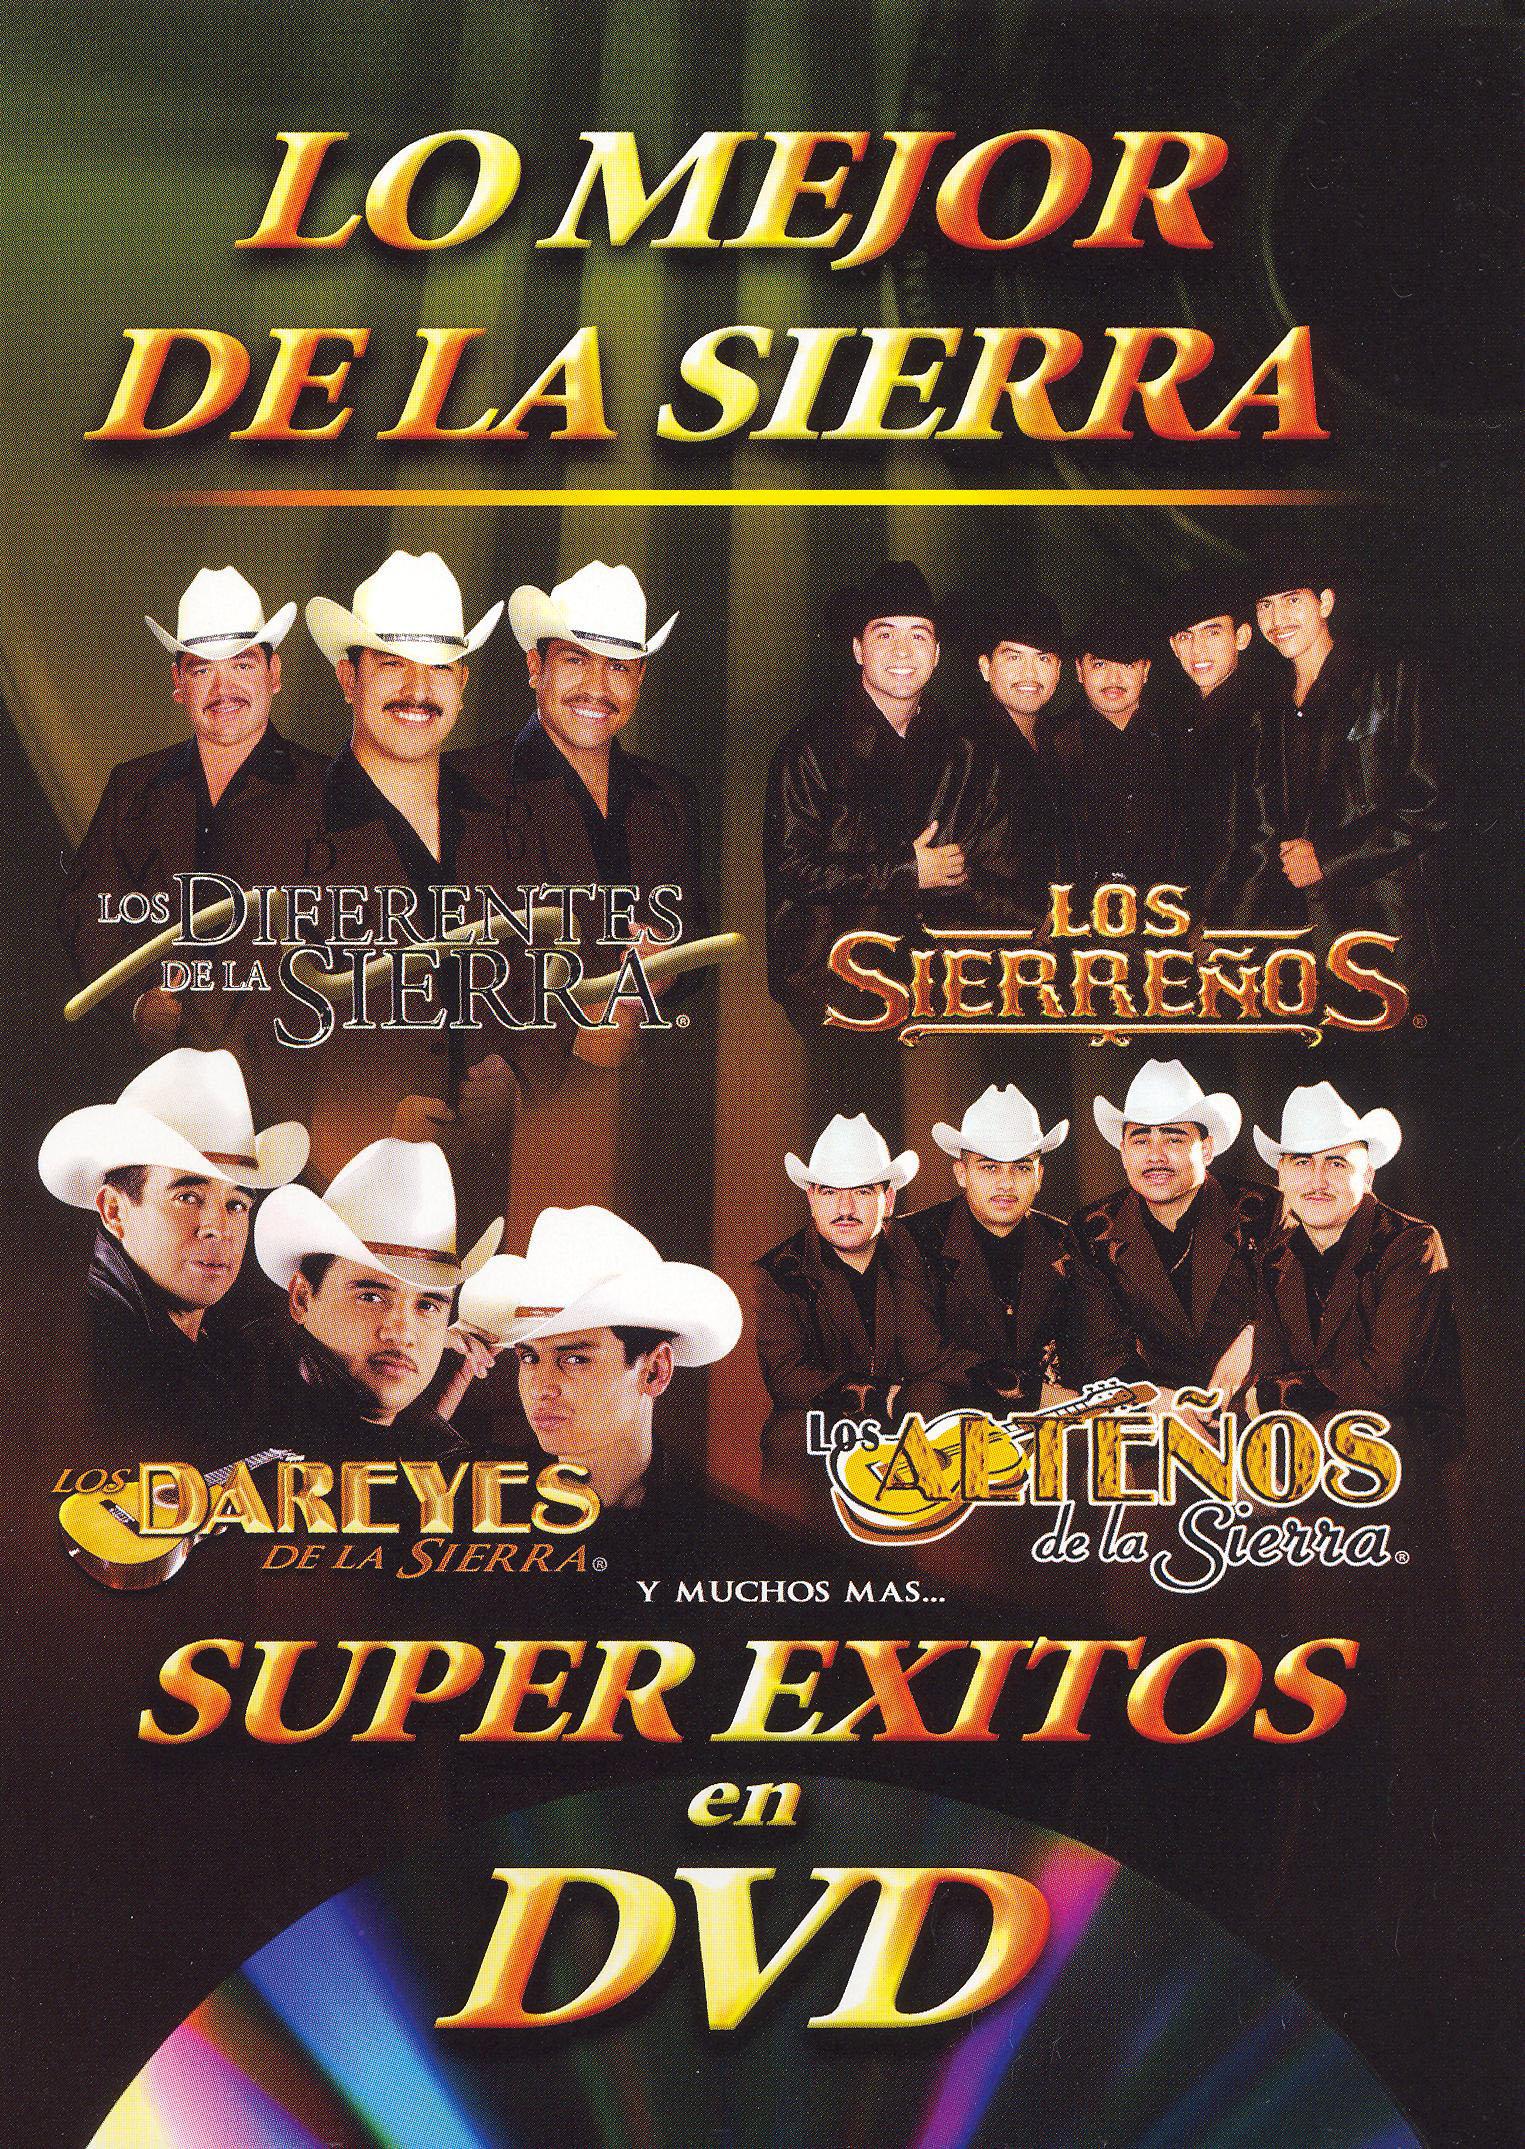 Super Exitos en DVD: Sierreno